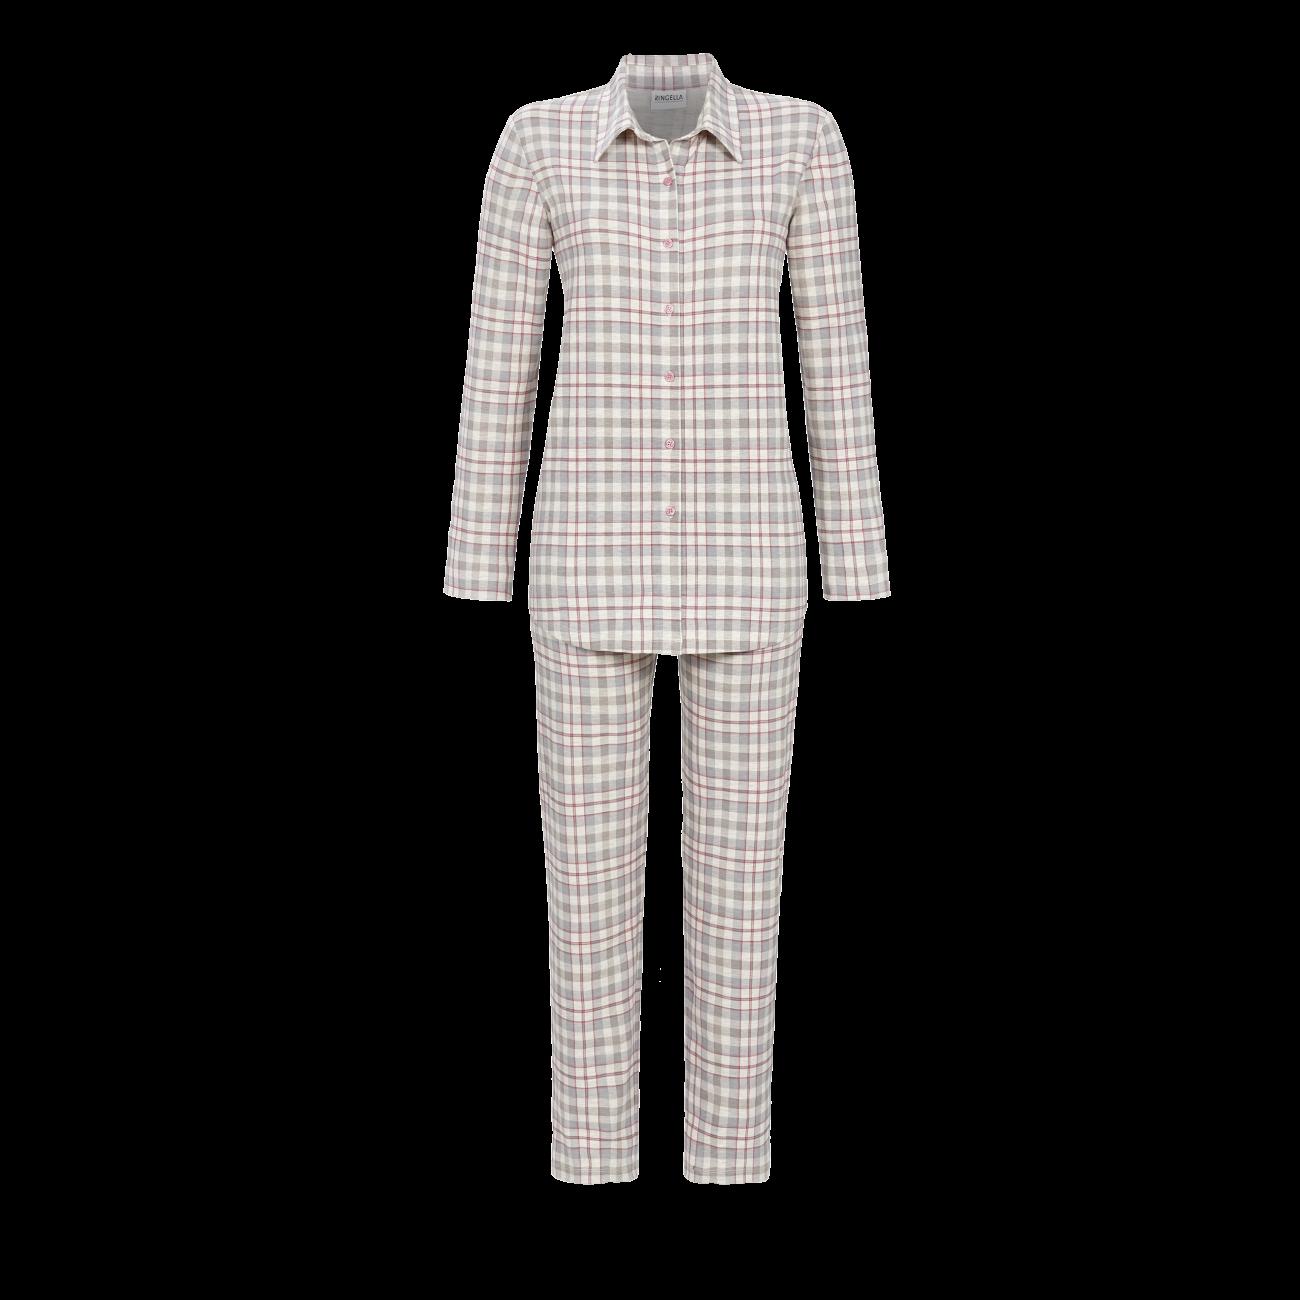 Pyjama mit durchgeknöpftem Oberteil natur-melange   38